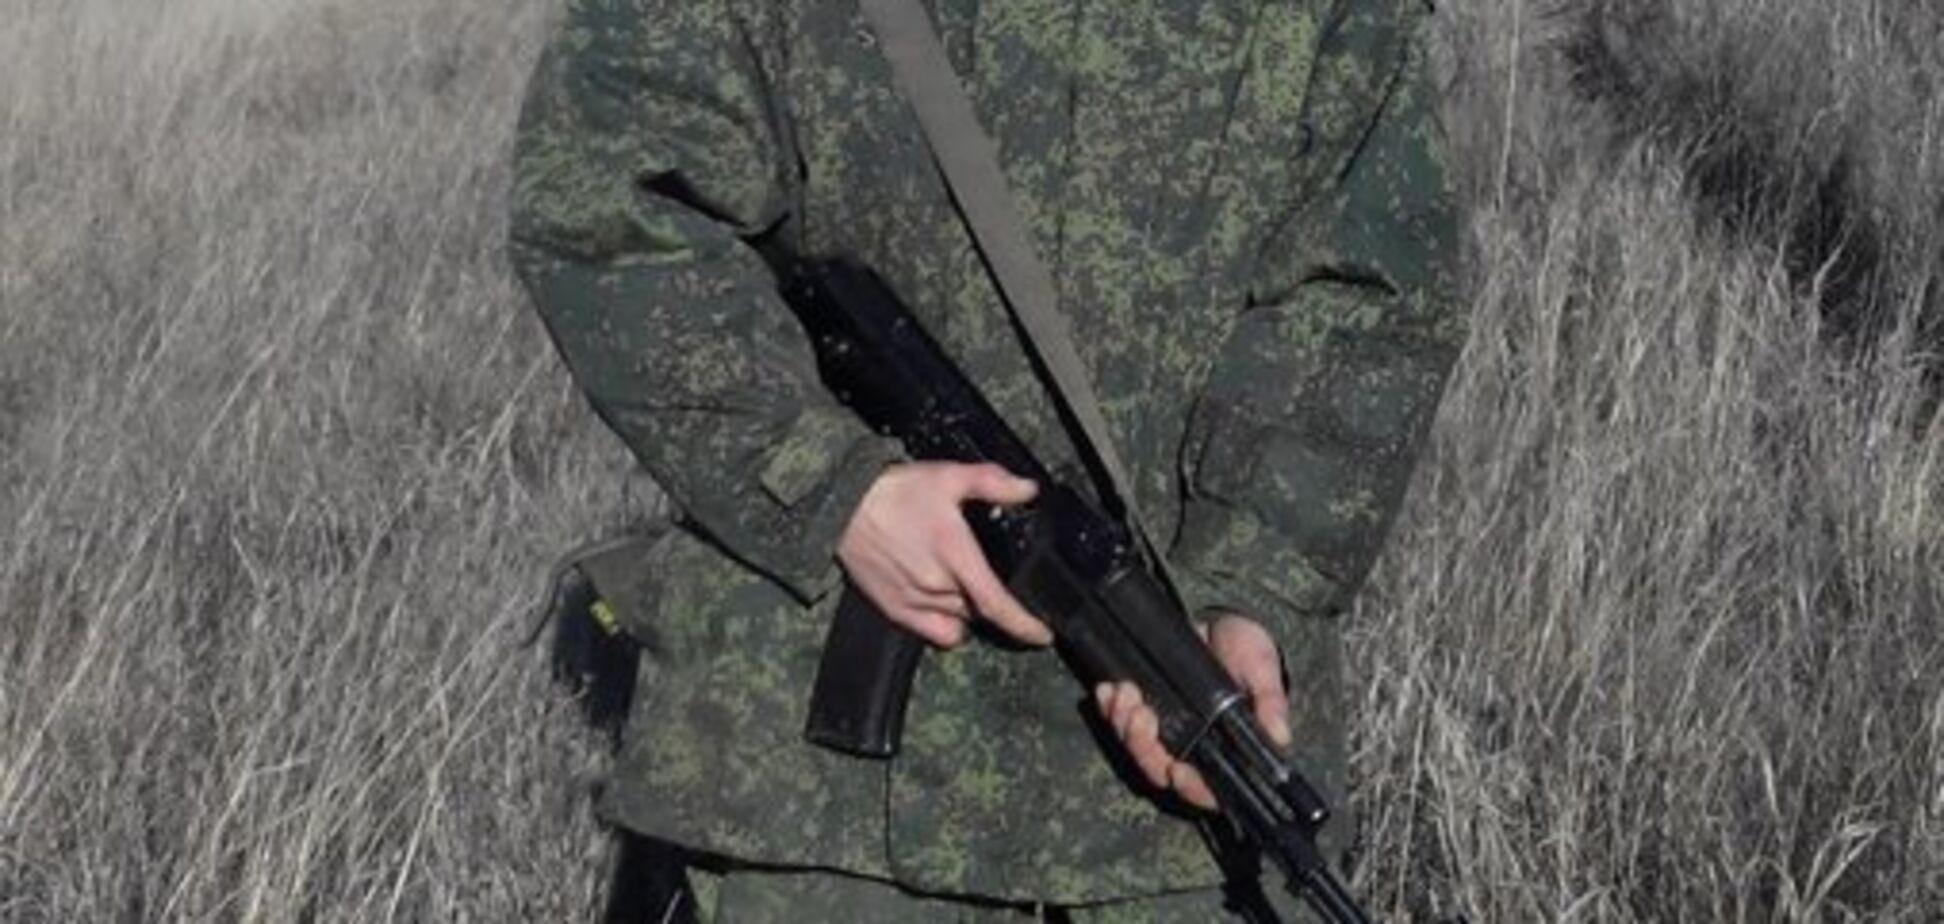 Новый 'груз 200': на Донбассе террорист 'ЛНР' взорвал себя гранатой